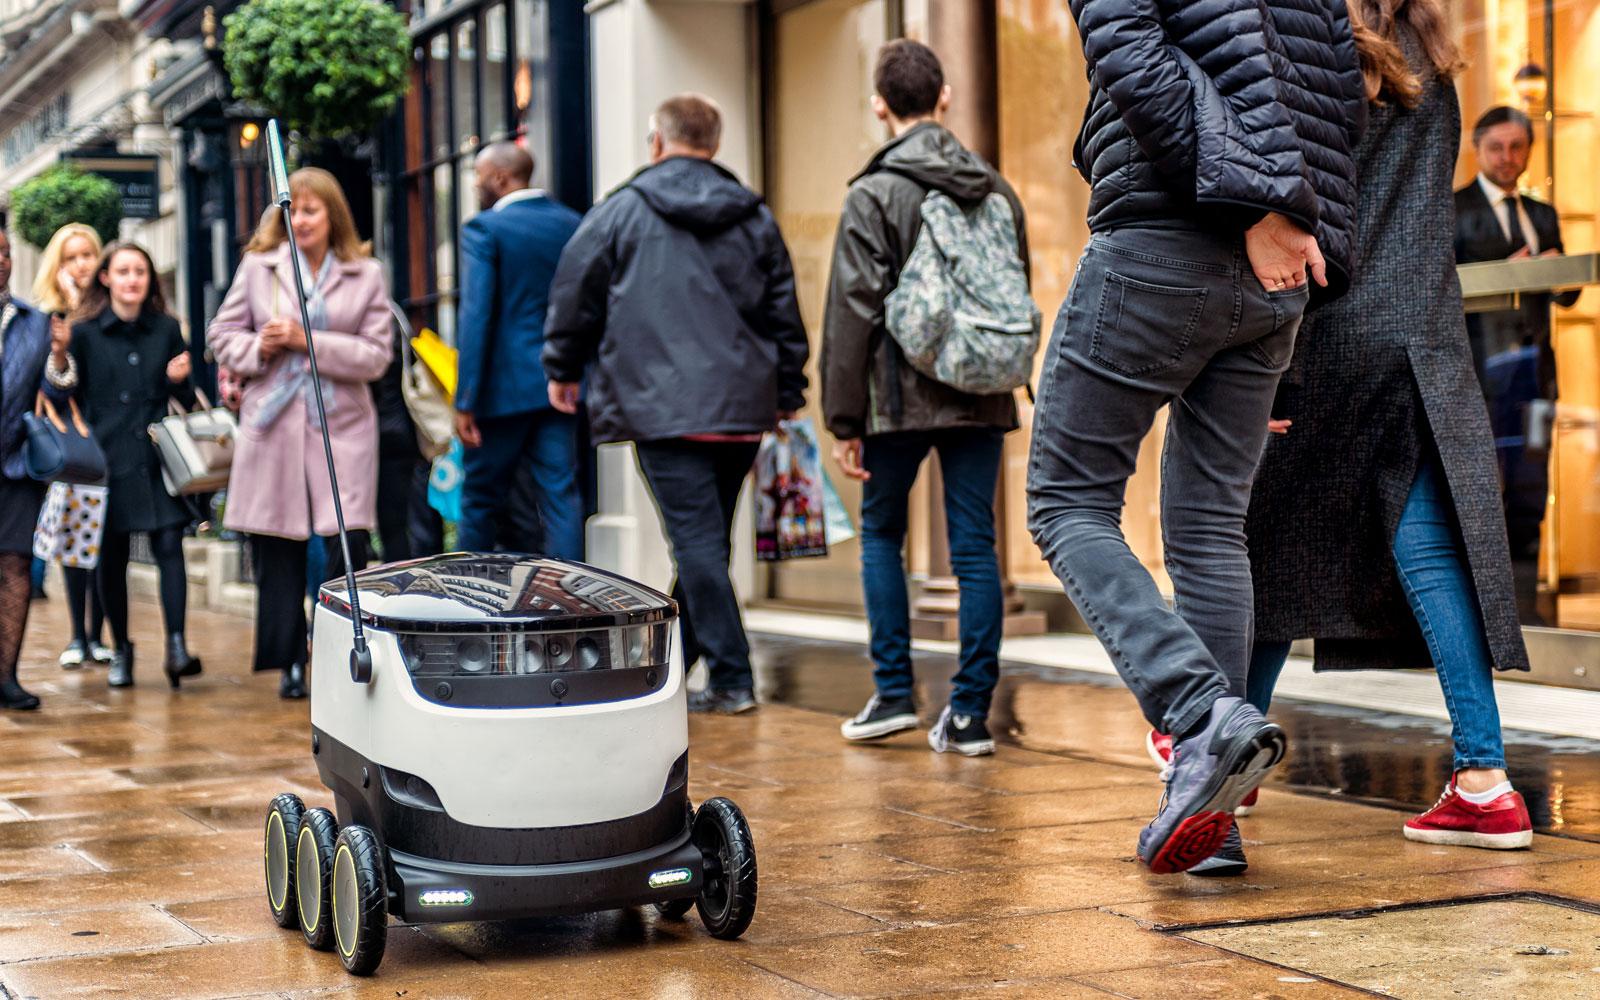 配送問題はロボットが解決する。路上デリバリーロボットの可能性